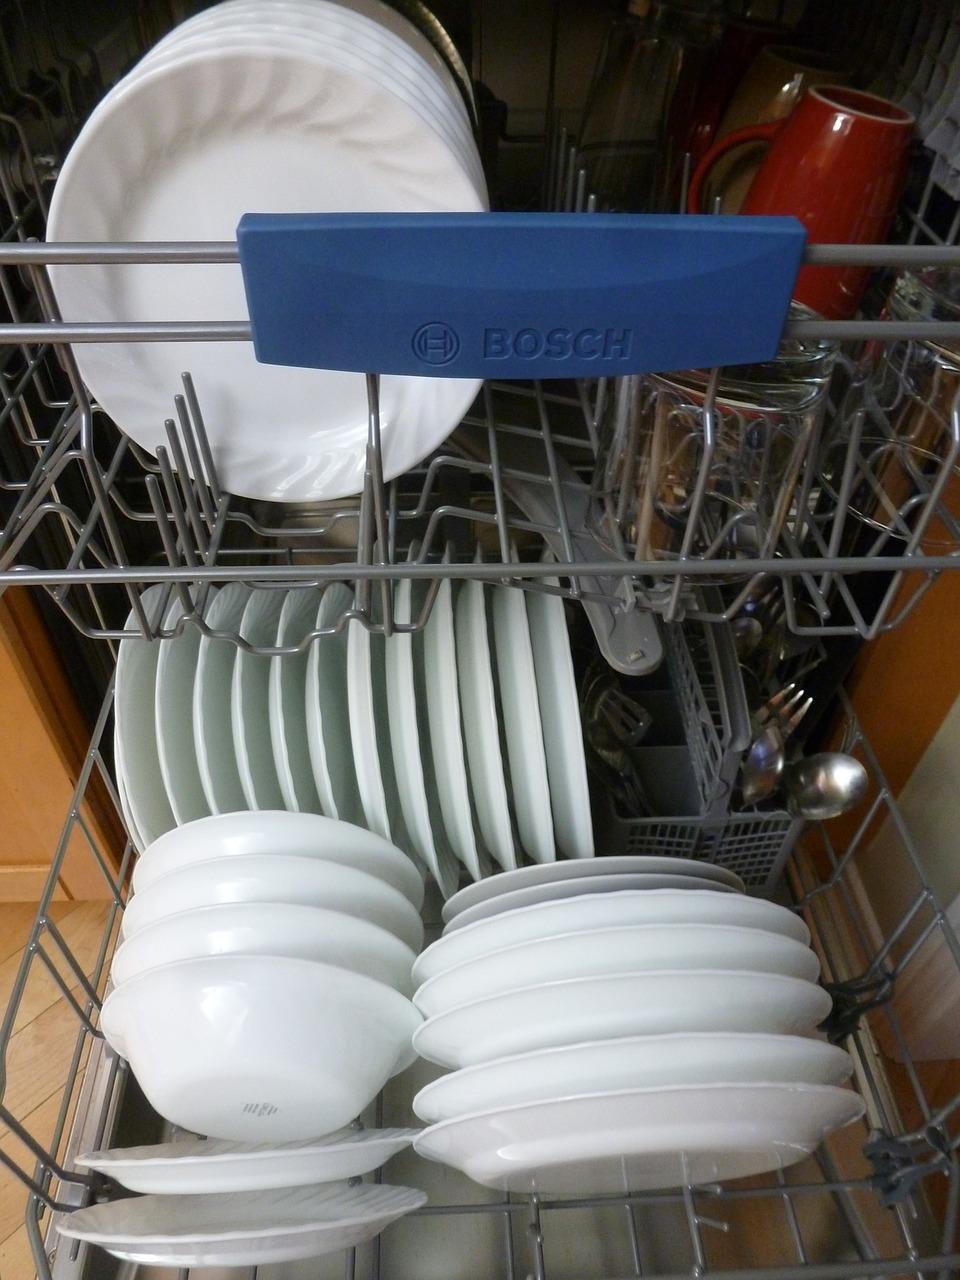 Lavastoviglie Whirpool, un elettrodomestico sempre più utile e funzionale